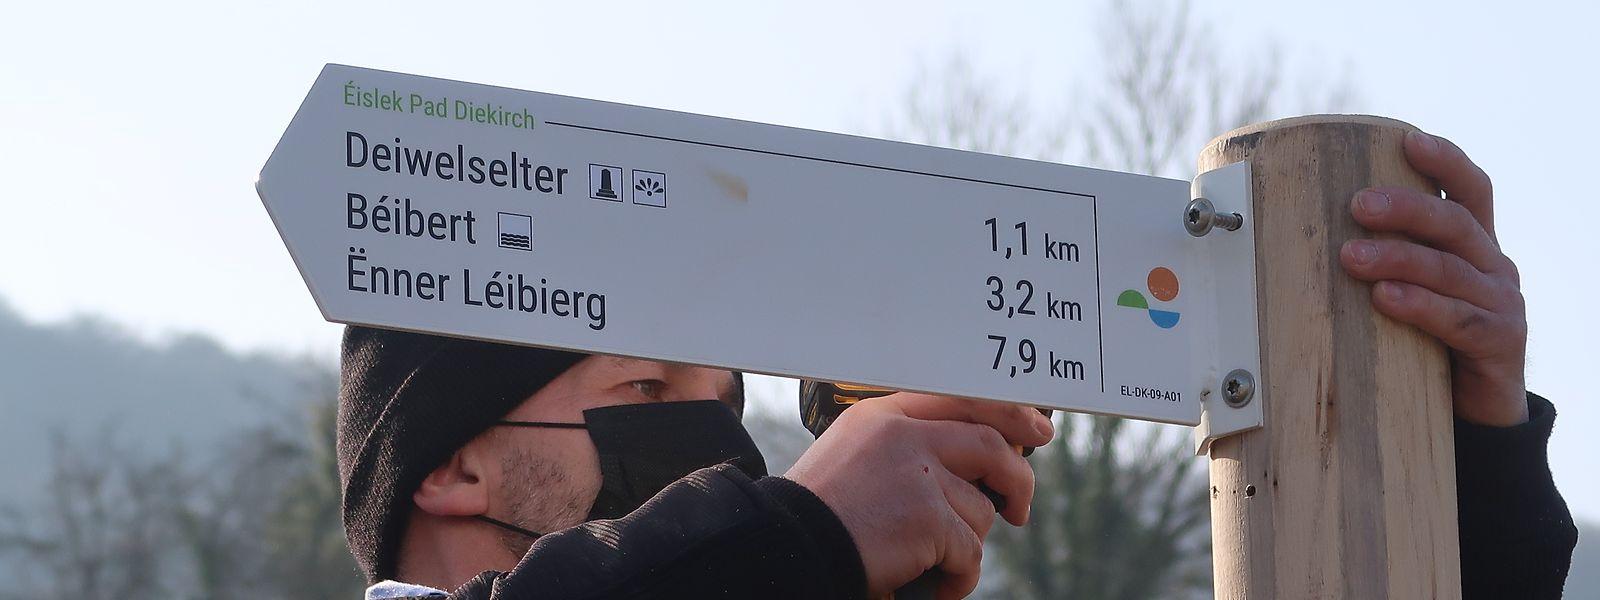 Die neuen Wegweiser sind dem nationalen Design Luxembourg for Tourism angepasst. Rund 2.000 davon werden bis Juni auf den überarbeiteten Wanderwegen im ganzen Ösling installiert.